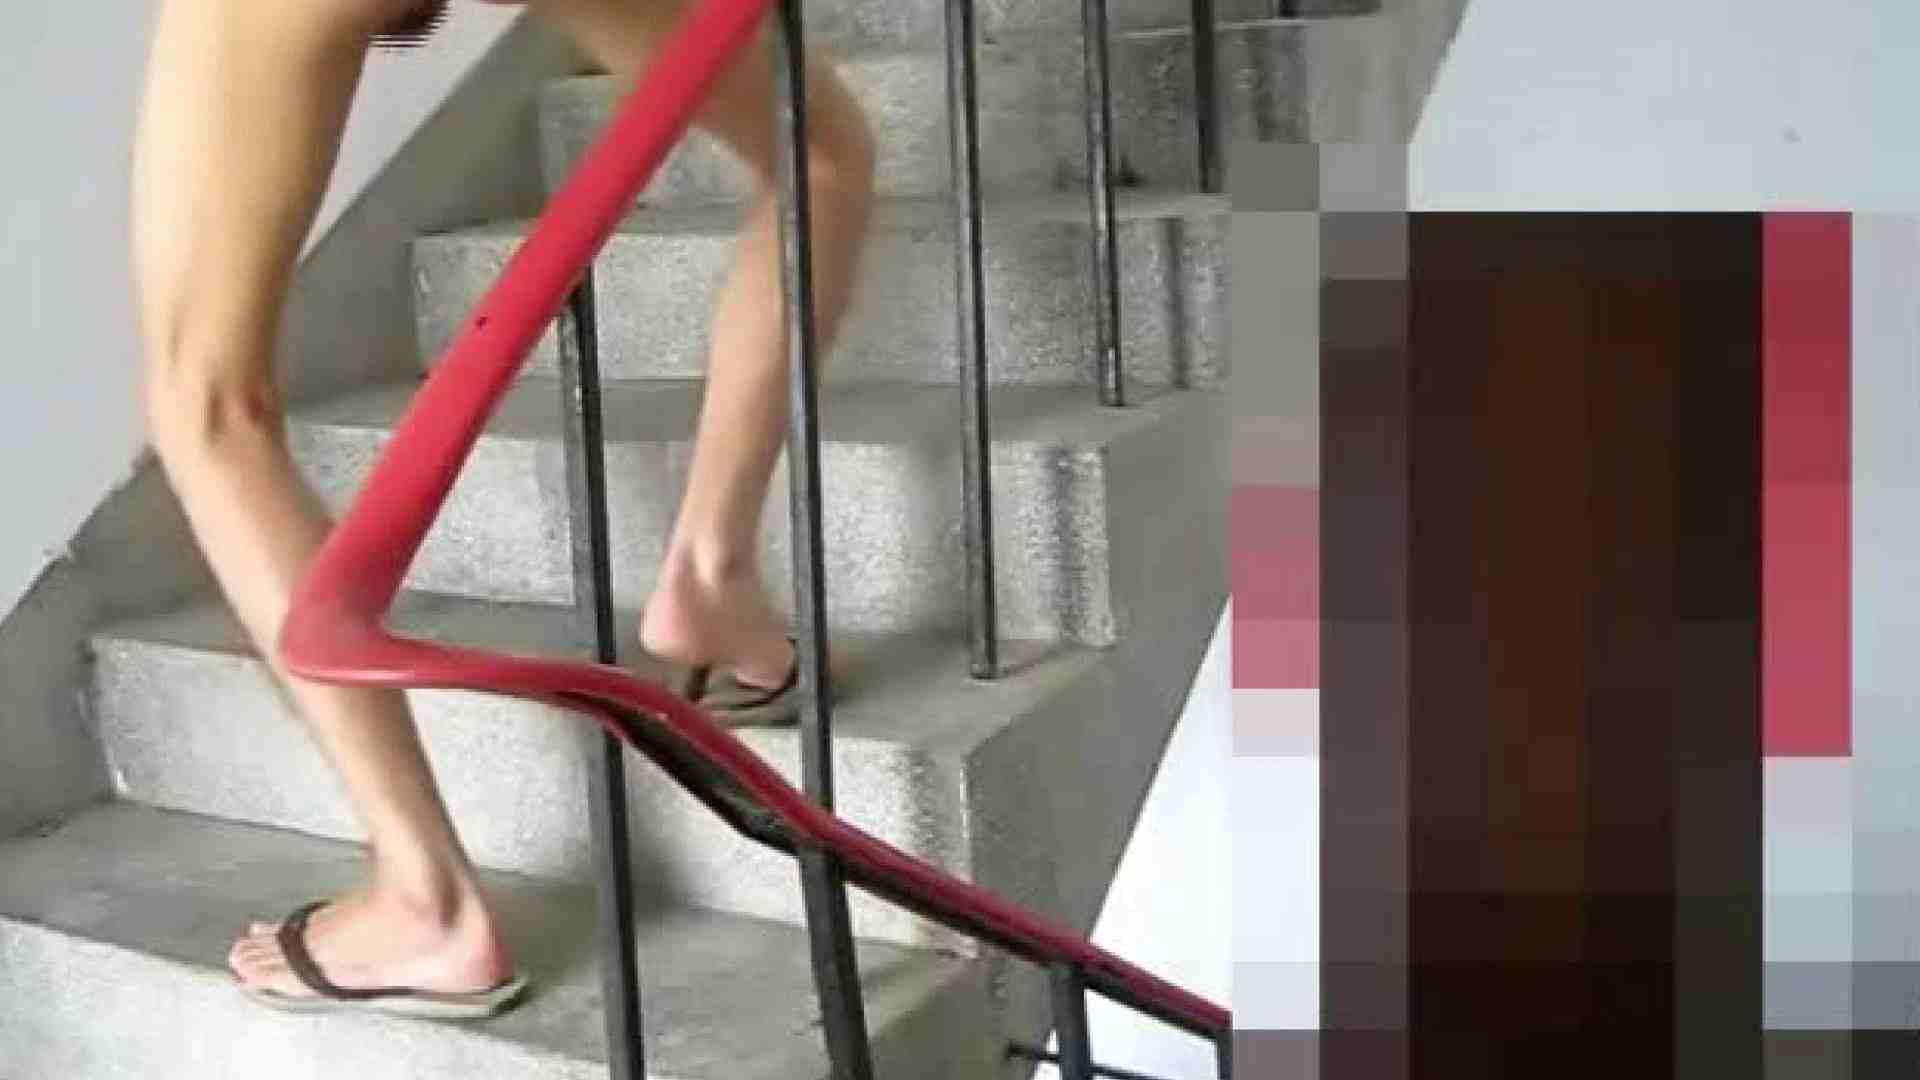 オナニー階段でシコる! 露出シーン ゲイ丸見え画像 62枚 59